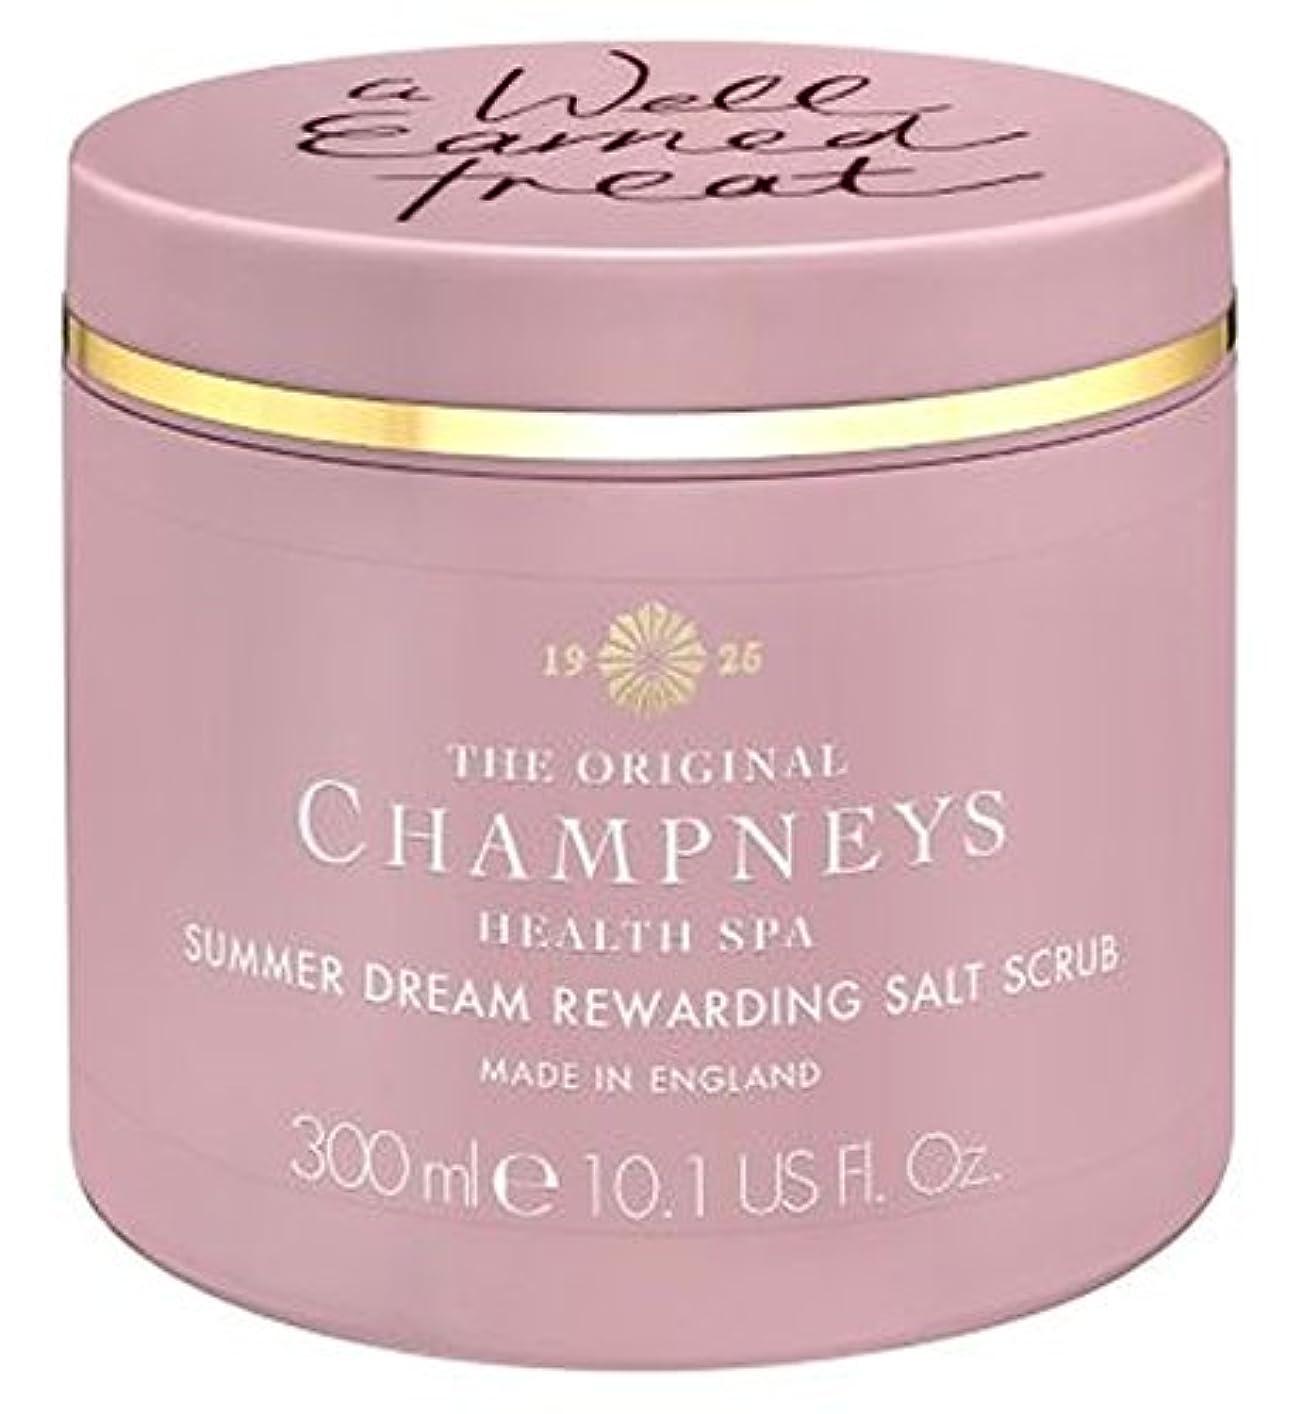 量で仲間ボンドチャンプニーズの夏の夢やりがいの塩スクラブ300ミリリットル (Champneys) (x2) - Champneys Summer Dream Rewarding Salt Scrub 300ml (Pack of 2...